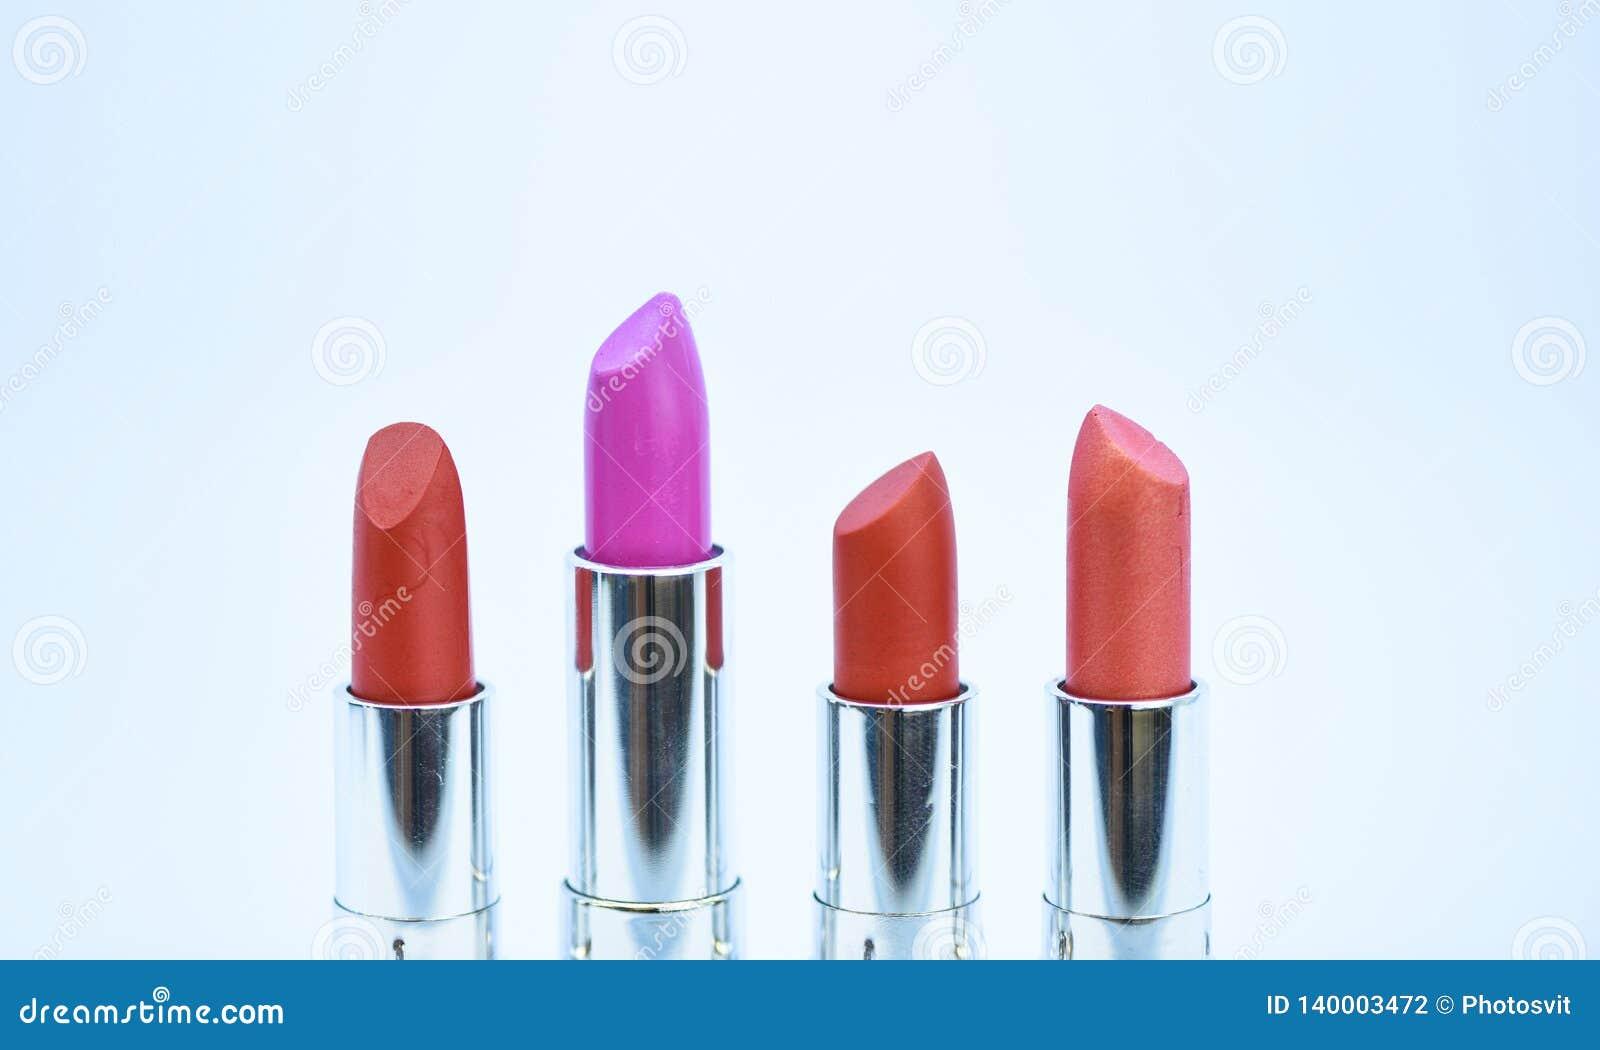 Иметь Тенденция красоты Ежедневно составляйте Губная помада для профессионала составляет Скомплектуйте цвет который одевает вы Ср